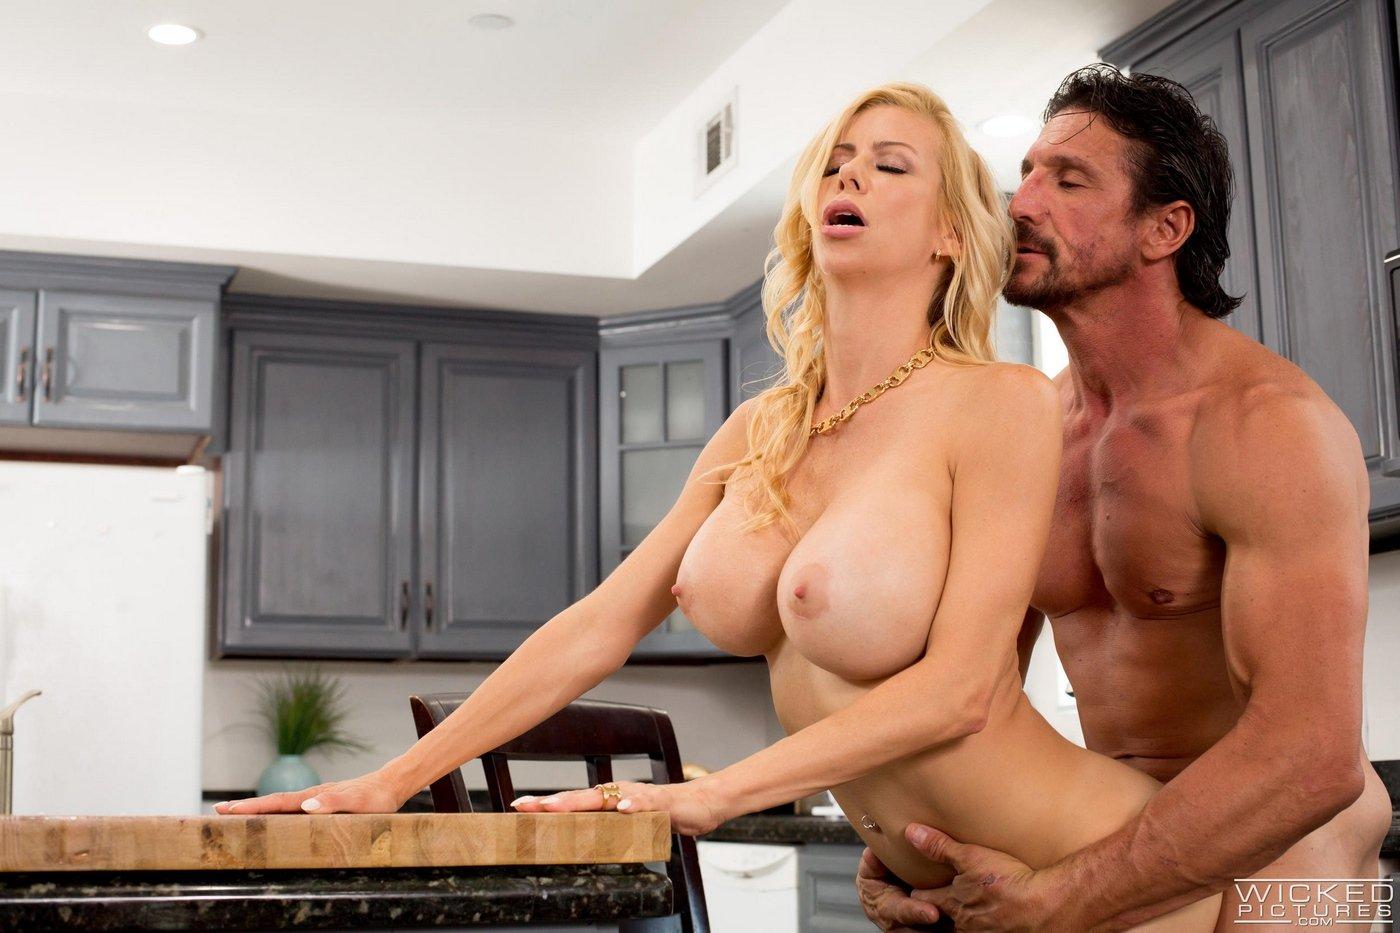 Сисястая домработница порно, Домохозяйки порно видео, секс с уборщицей 1 фотография